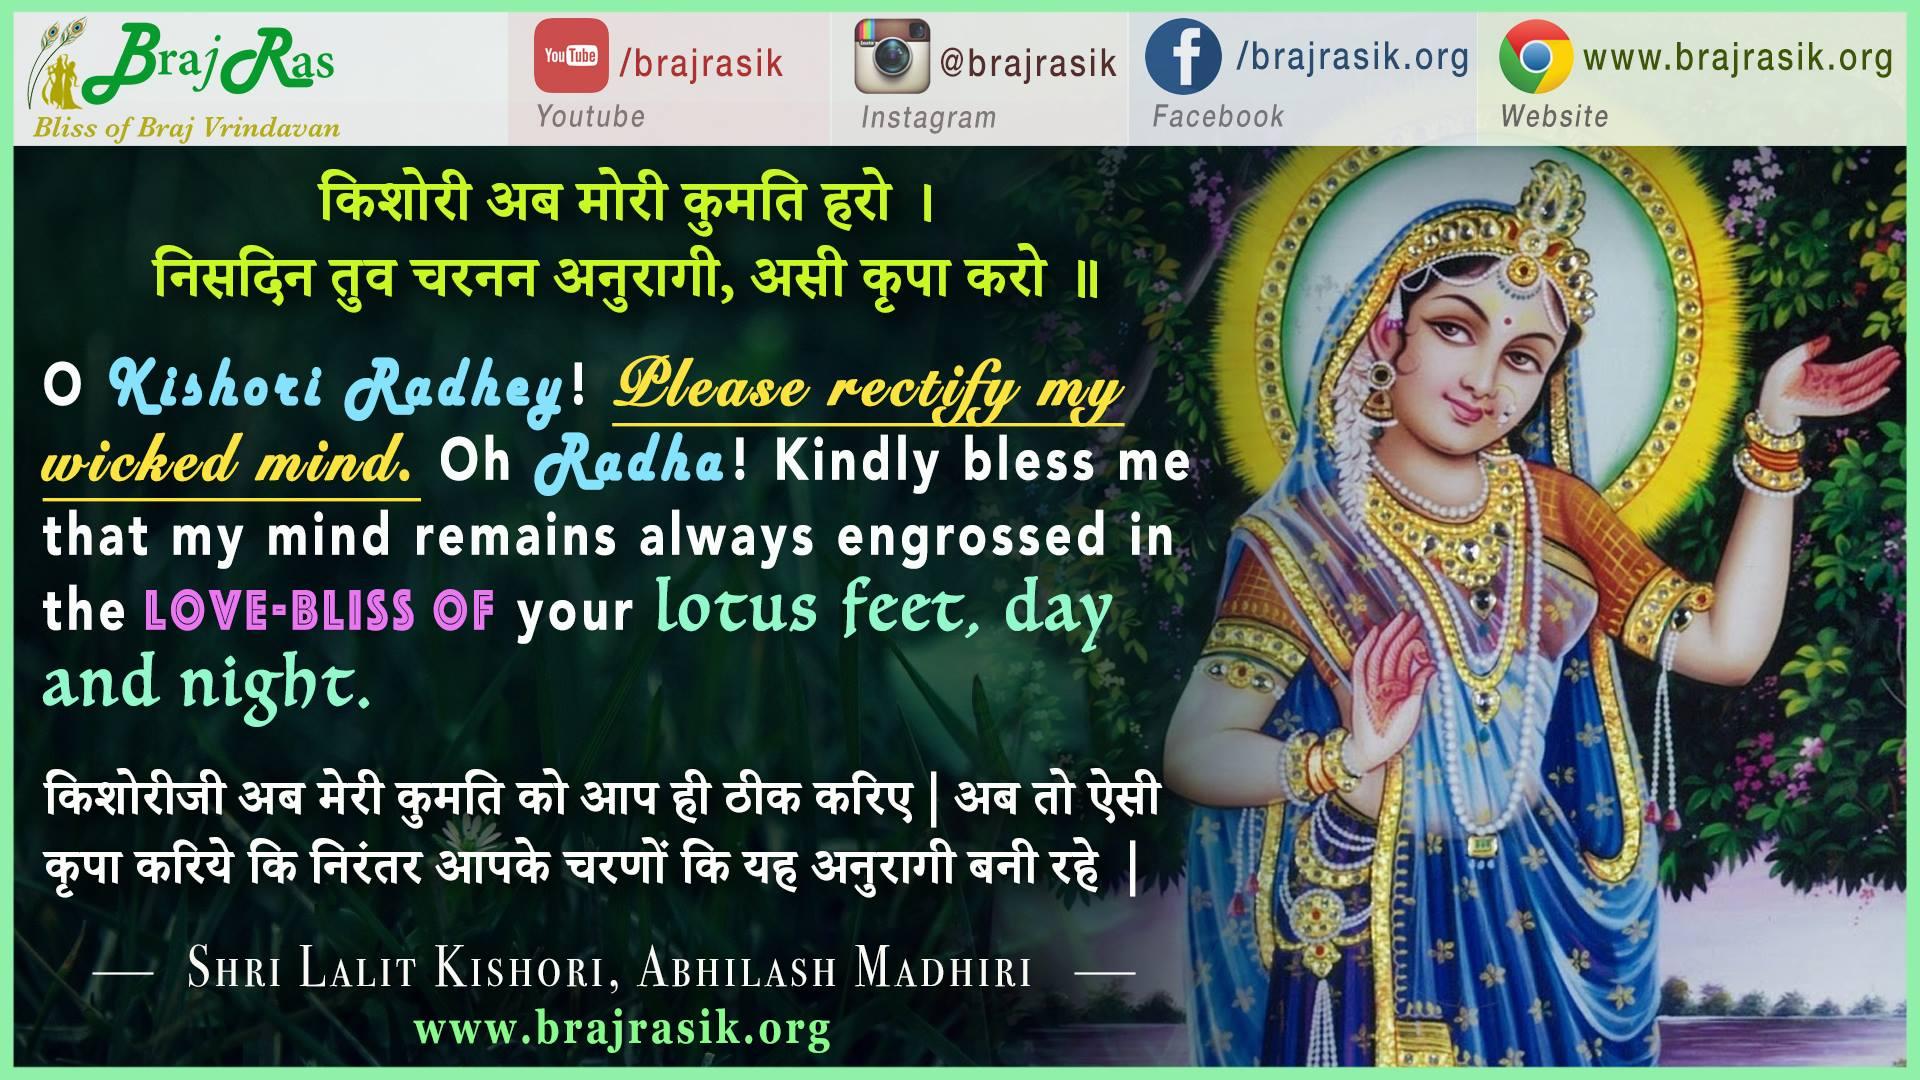 Kishori Ab Mori Kumati Haro - Shri Lalit Kishori, Abhilash Madhuri